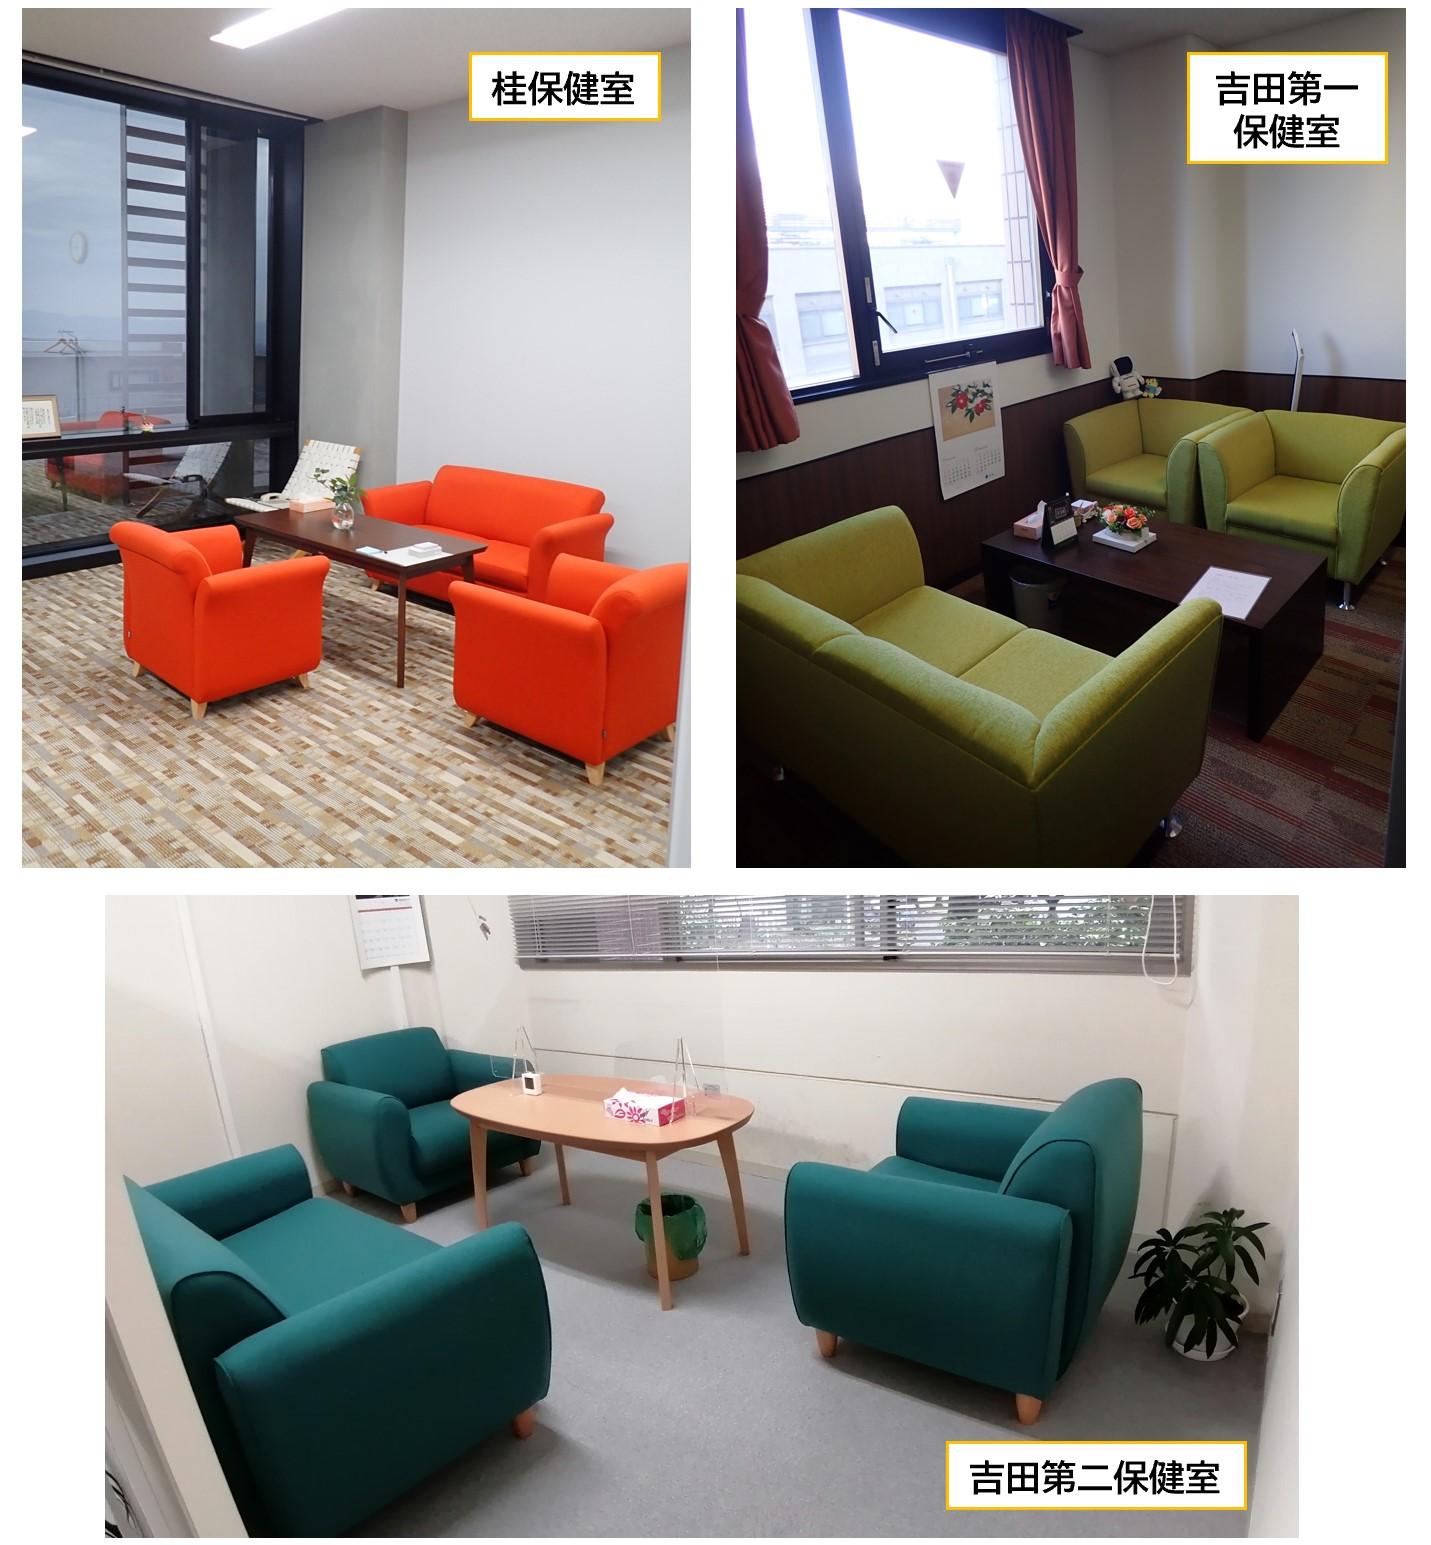 保健室3室